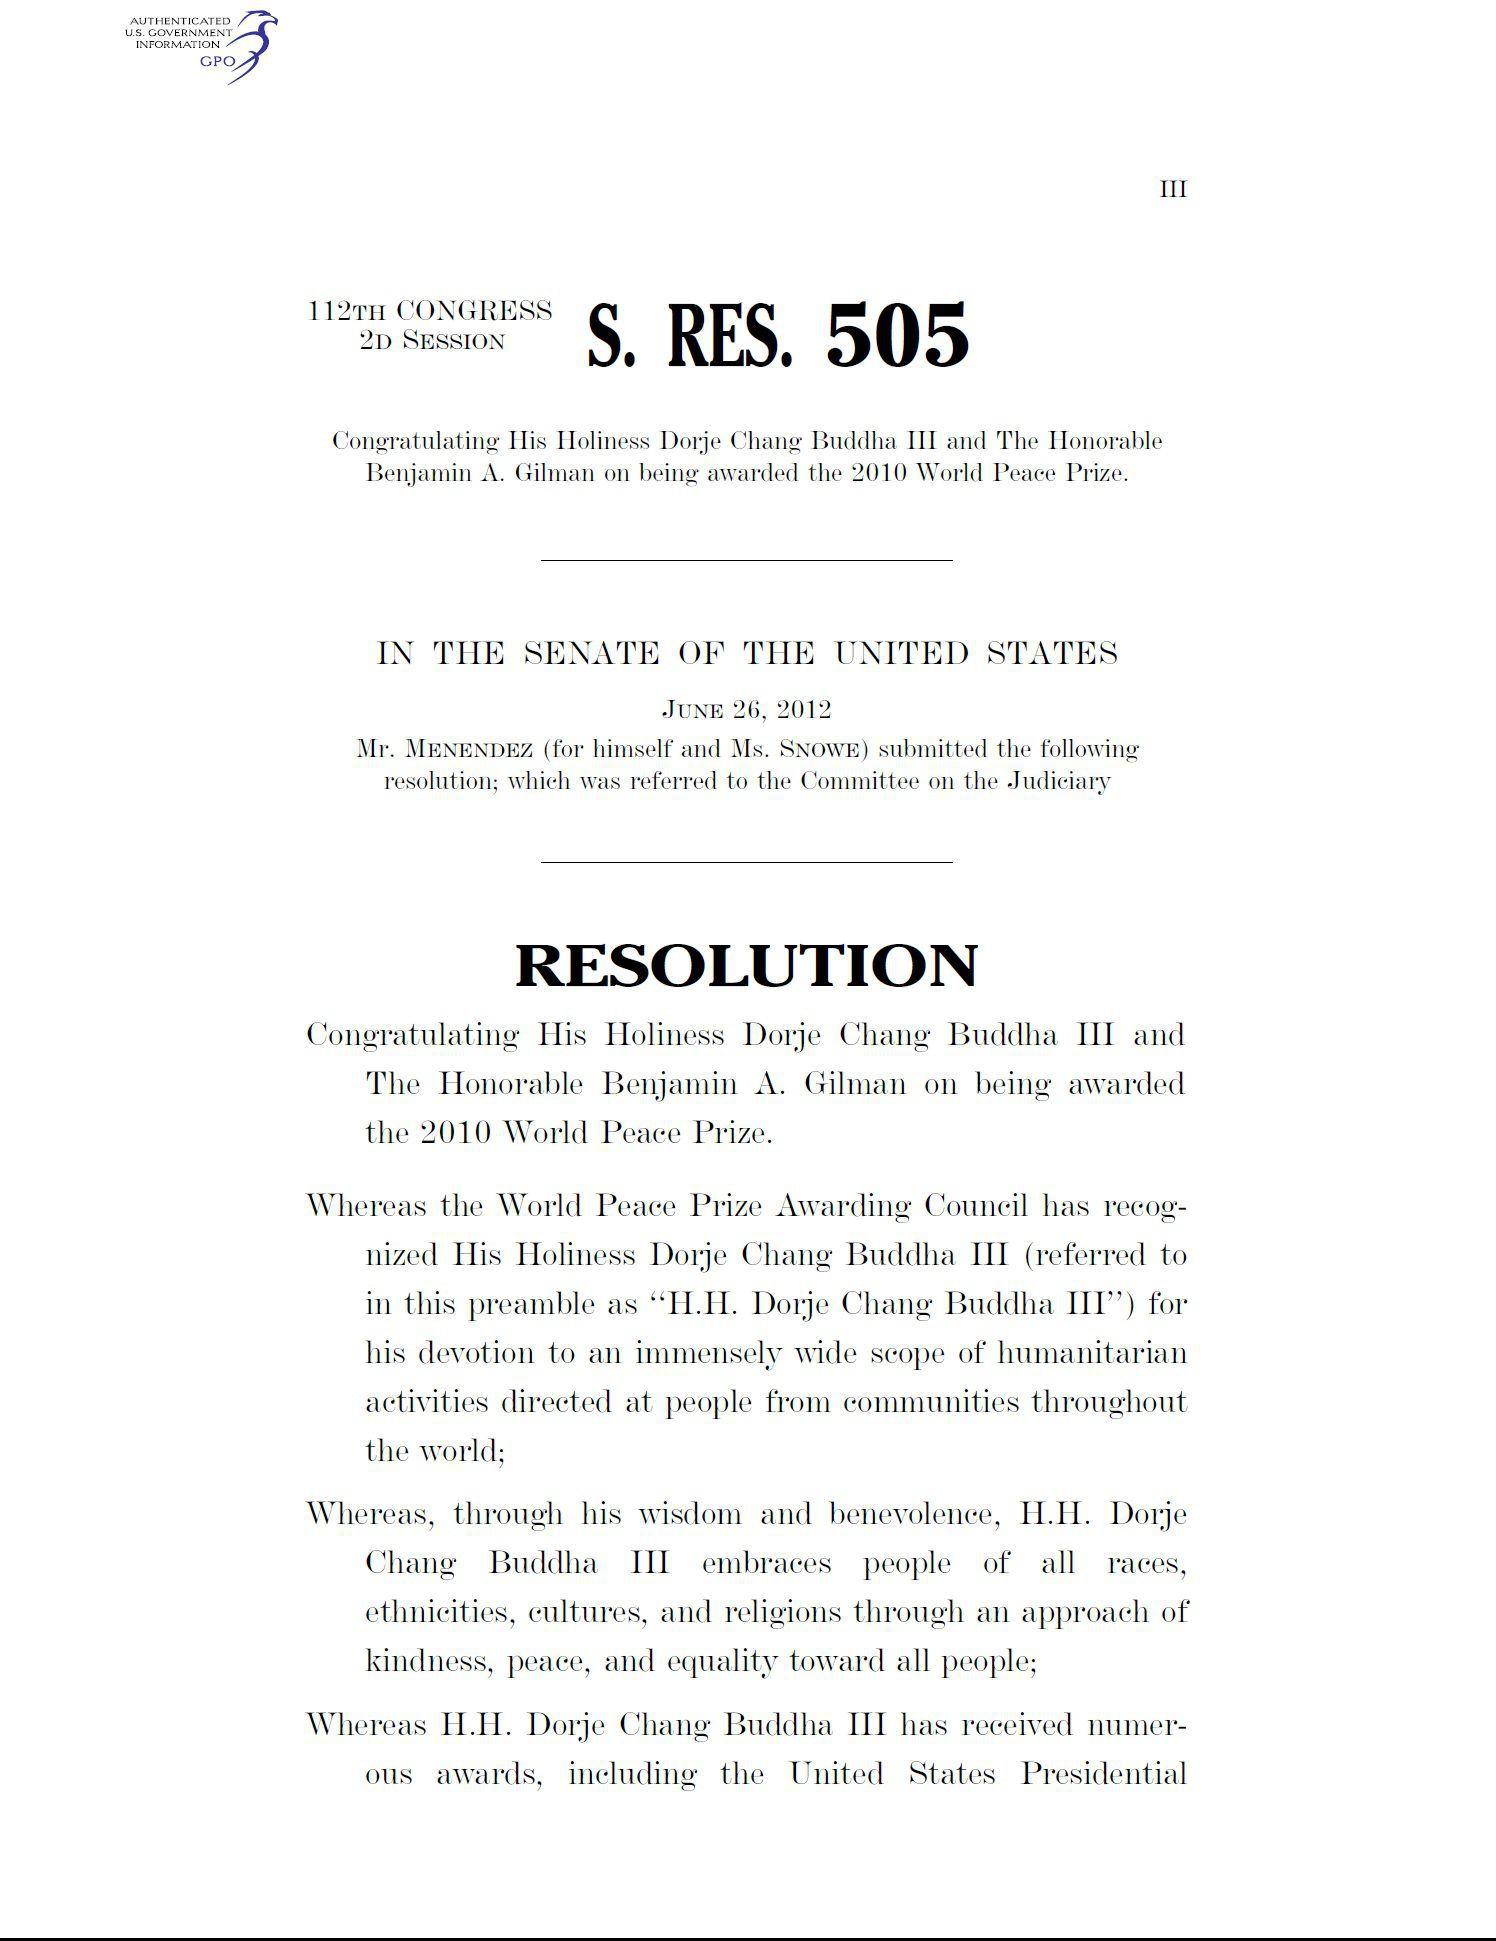 2012年6月26日美國參議院第505號議文祝賀H.H.第三世多杰羌佛獲頒2010年世界和平獎